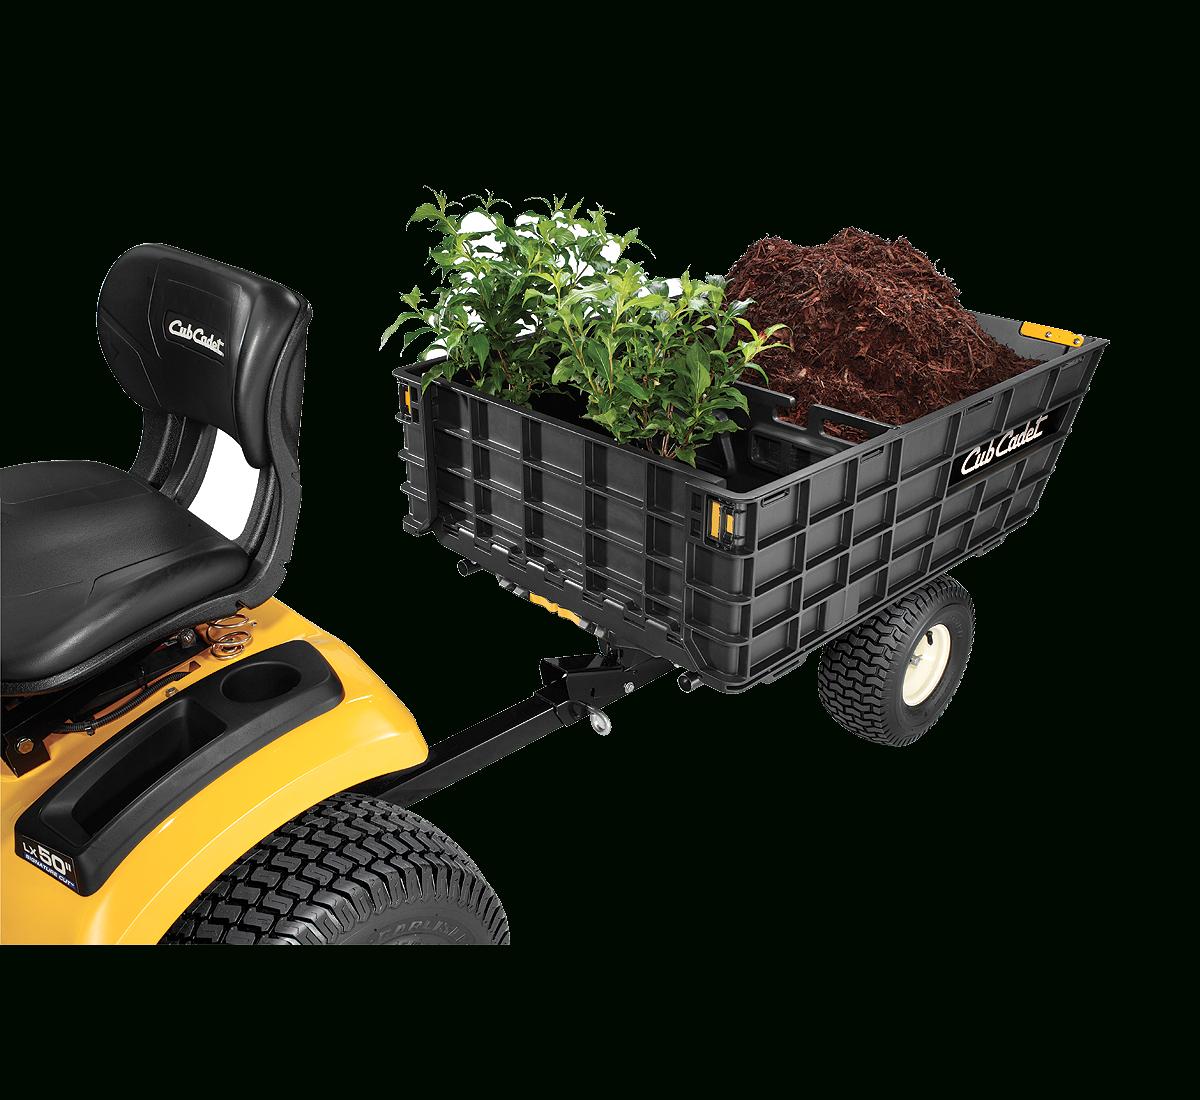 Cubcadetcanada - Remorque 10', Capacité 800 Lb, Convertible ... tout Remorque A Jardin